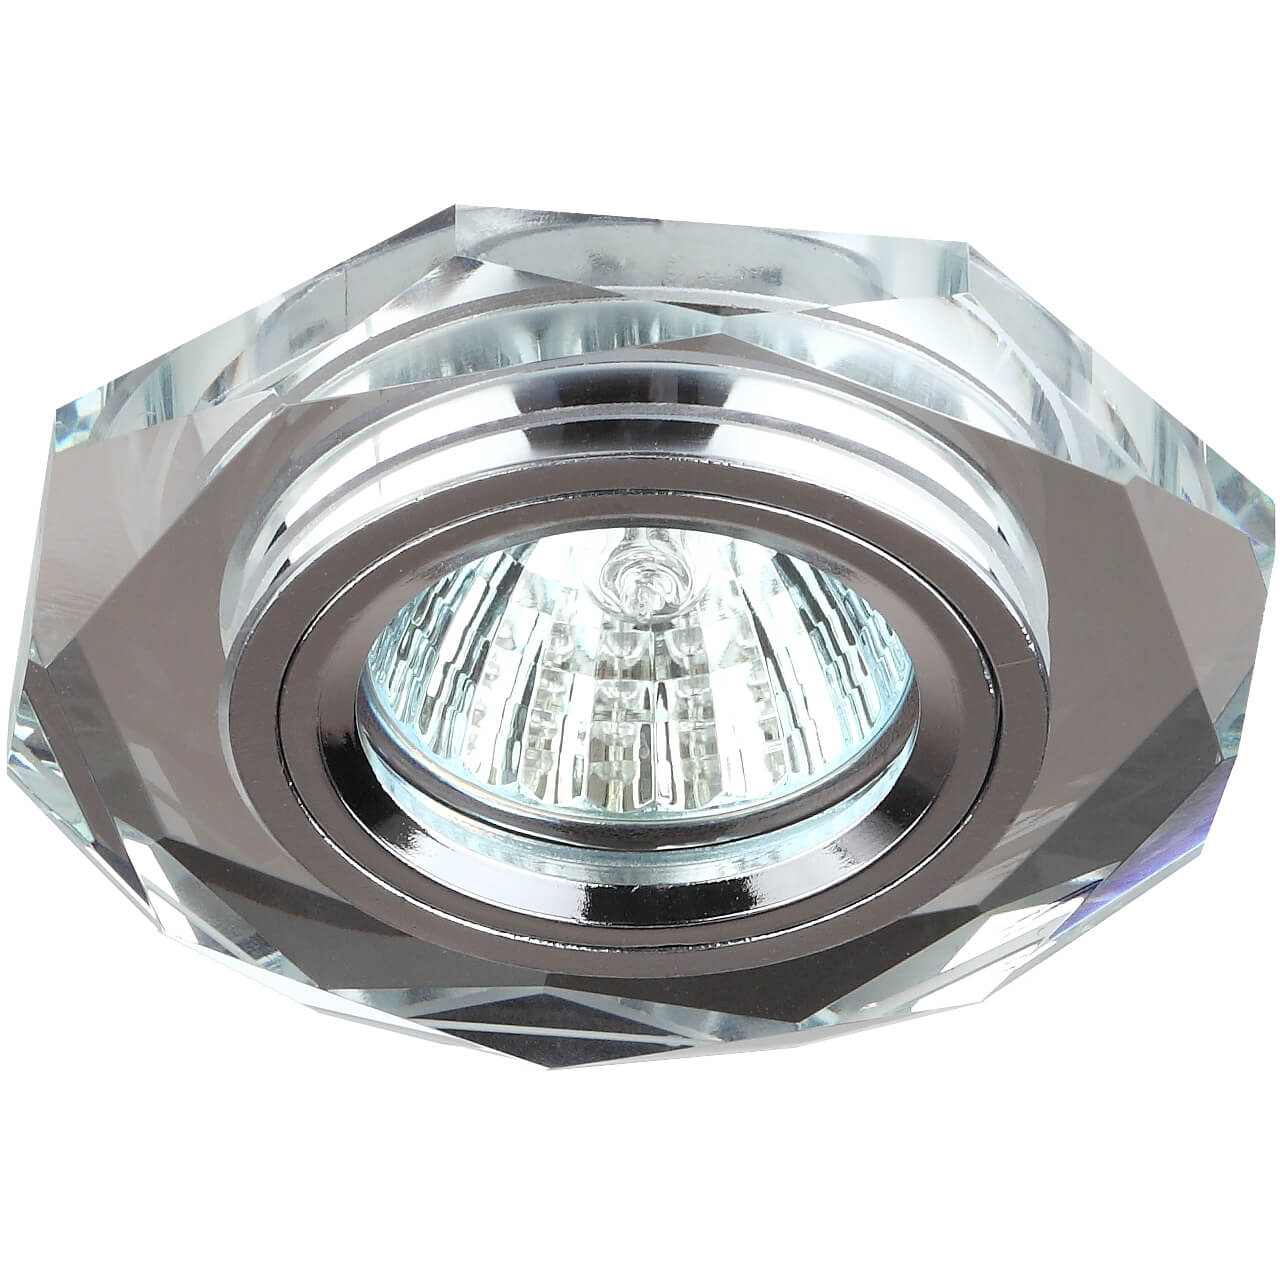 Встраиваемый светильник ЭРА Декор DK5 СH/SL